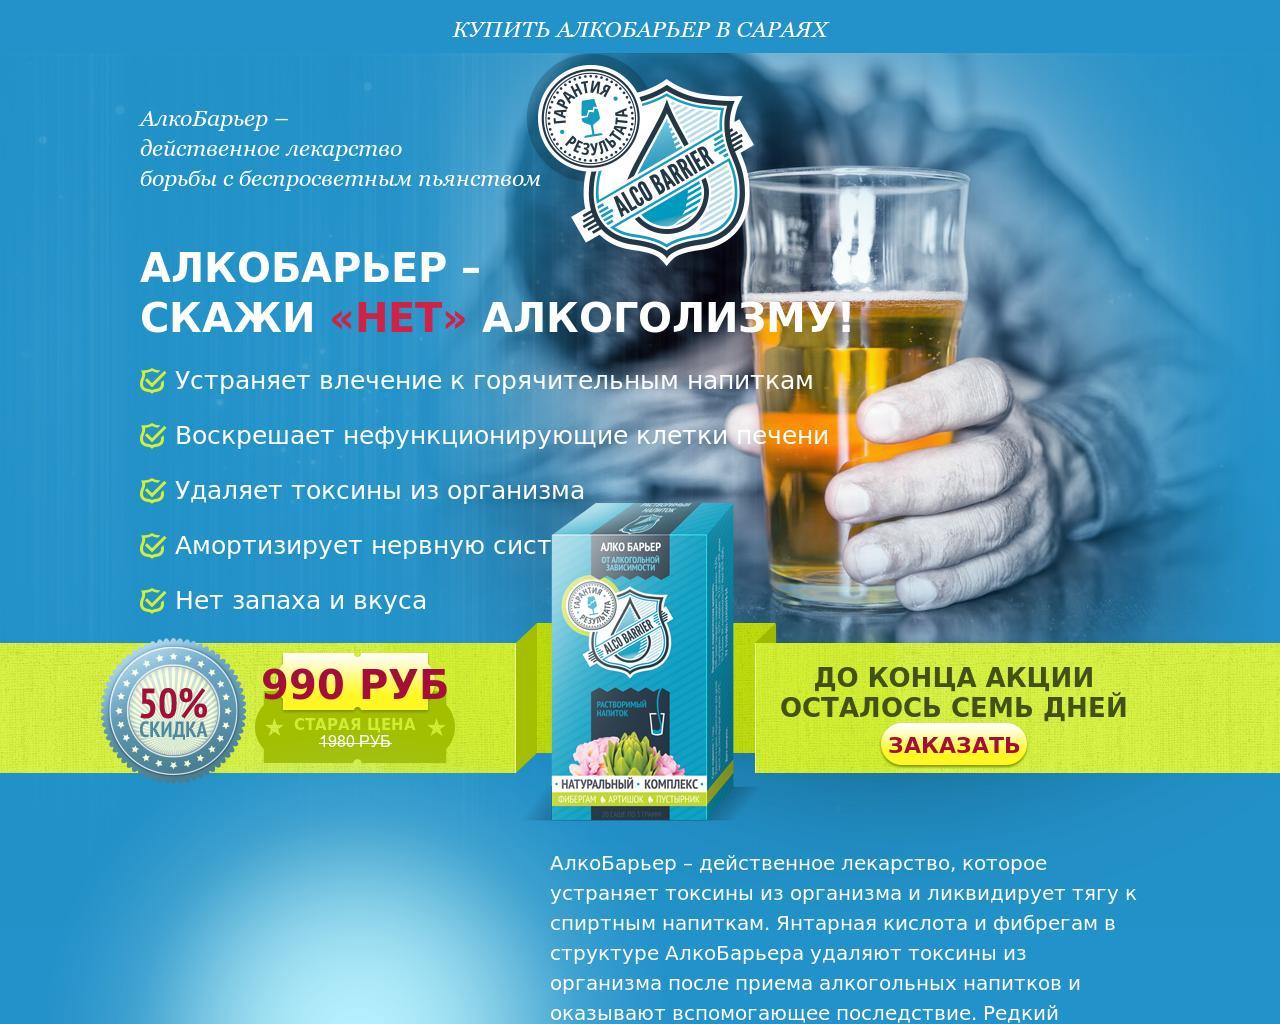 вылечить человека как от алкоголизма-3